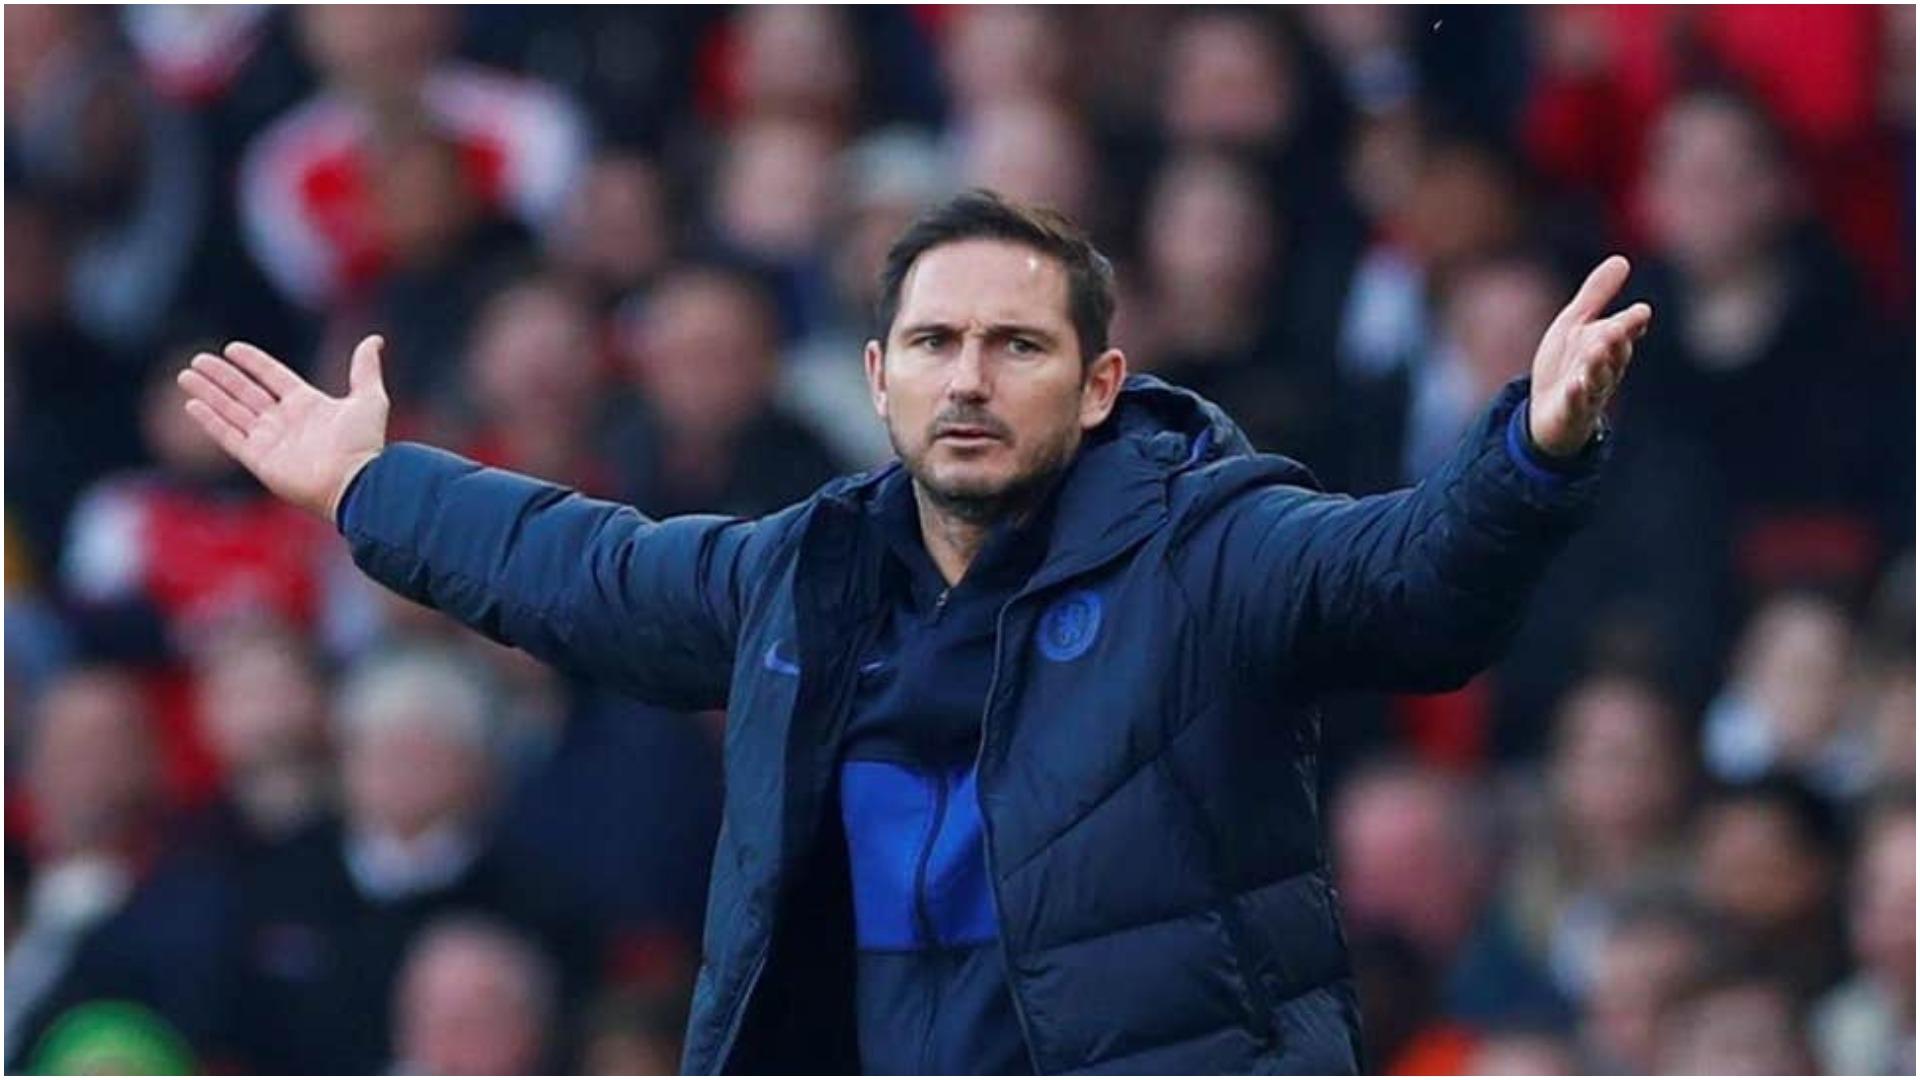 Lampard: Kepa? Bëri gabim trashanik, kartoni i kuq na penalizoi!